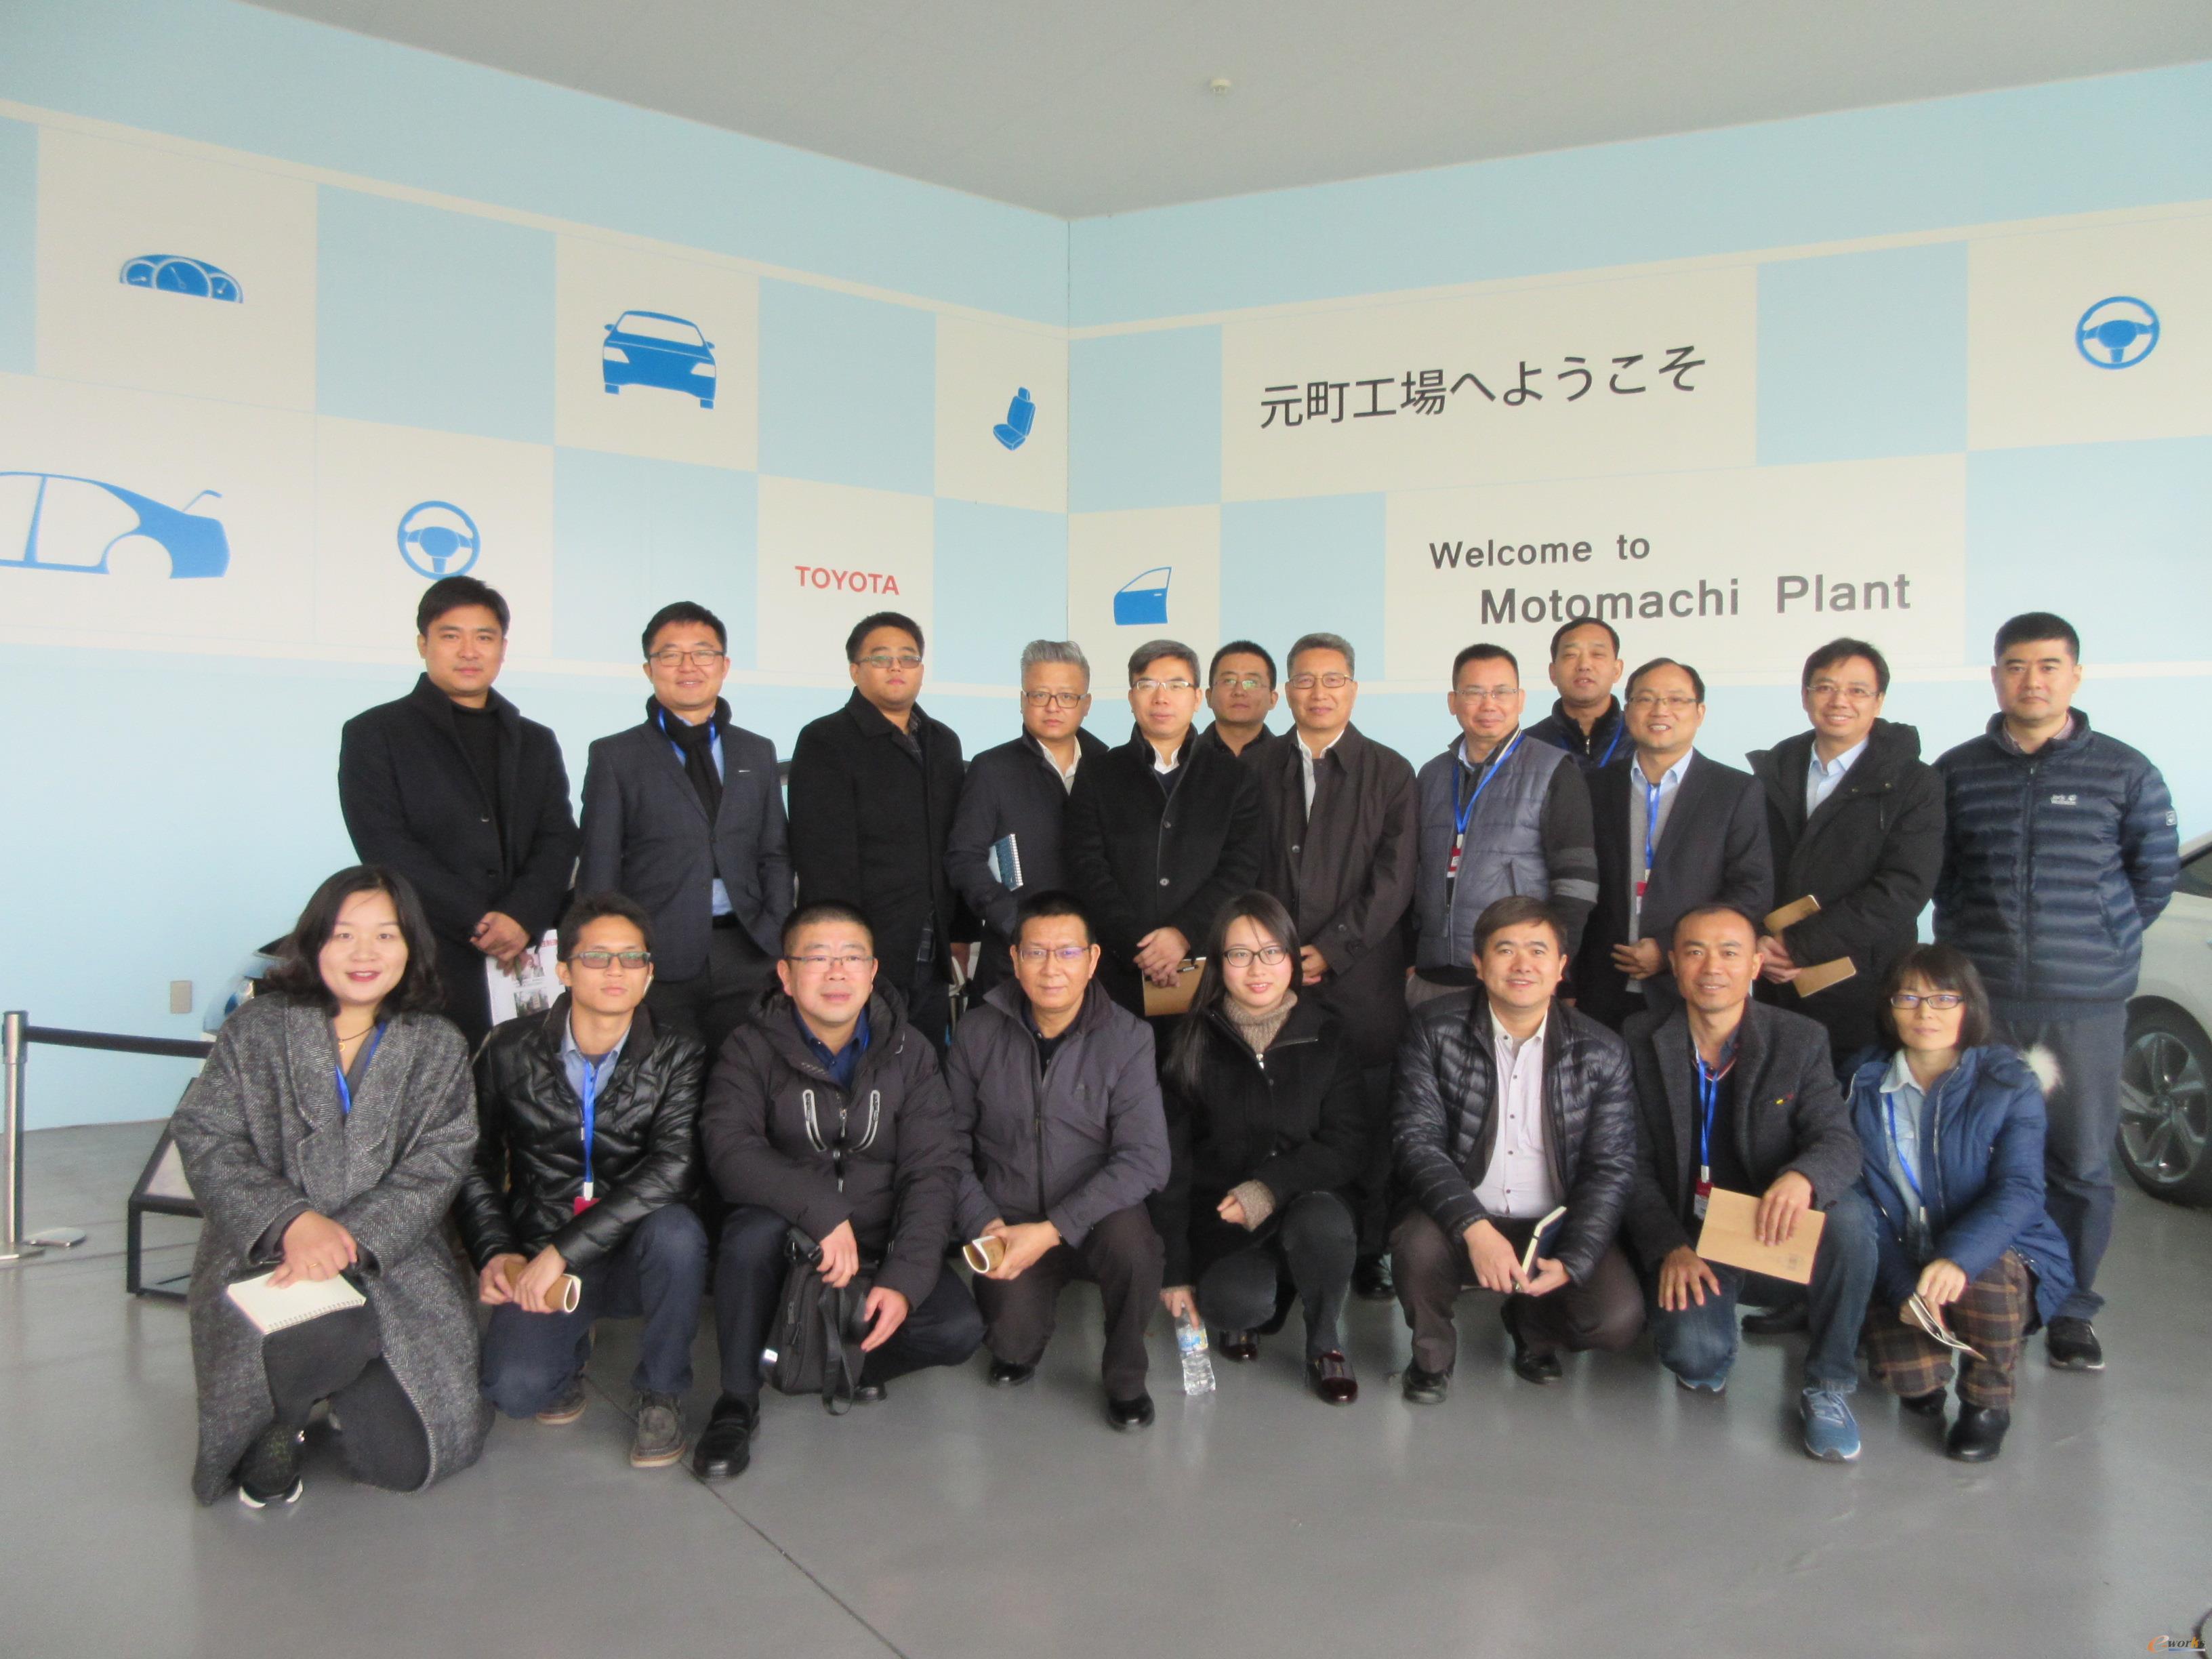 考察团成员在丰田汽车公司合影